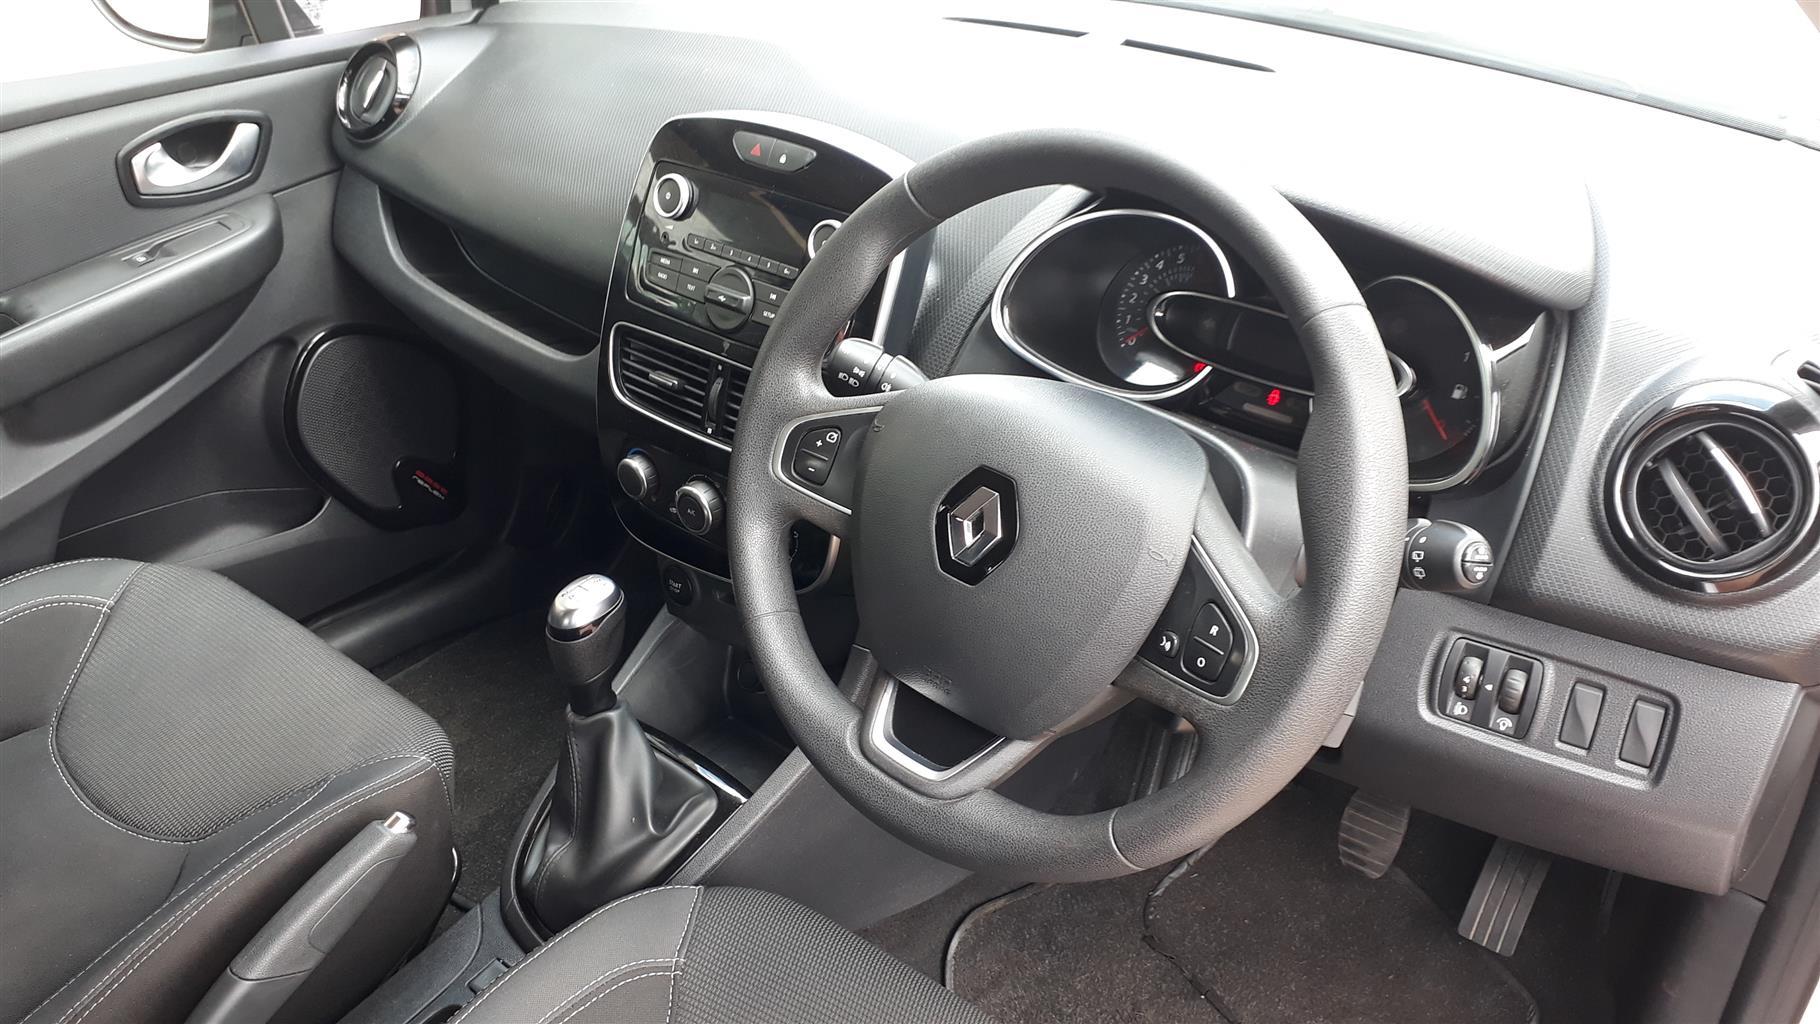 2017 Renault Clio 1.4 Extreme 5 door